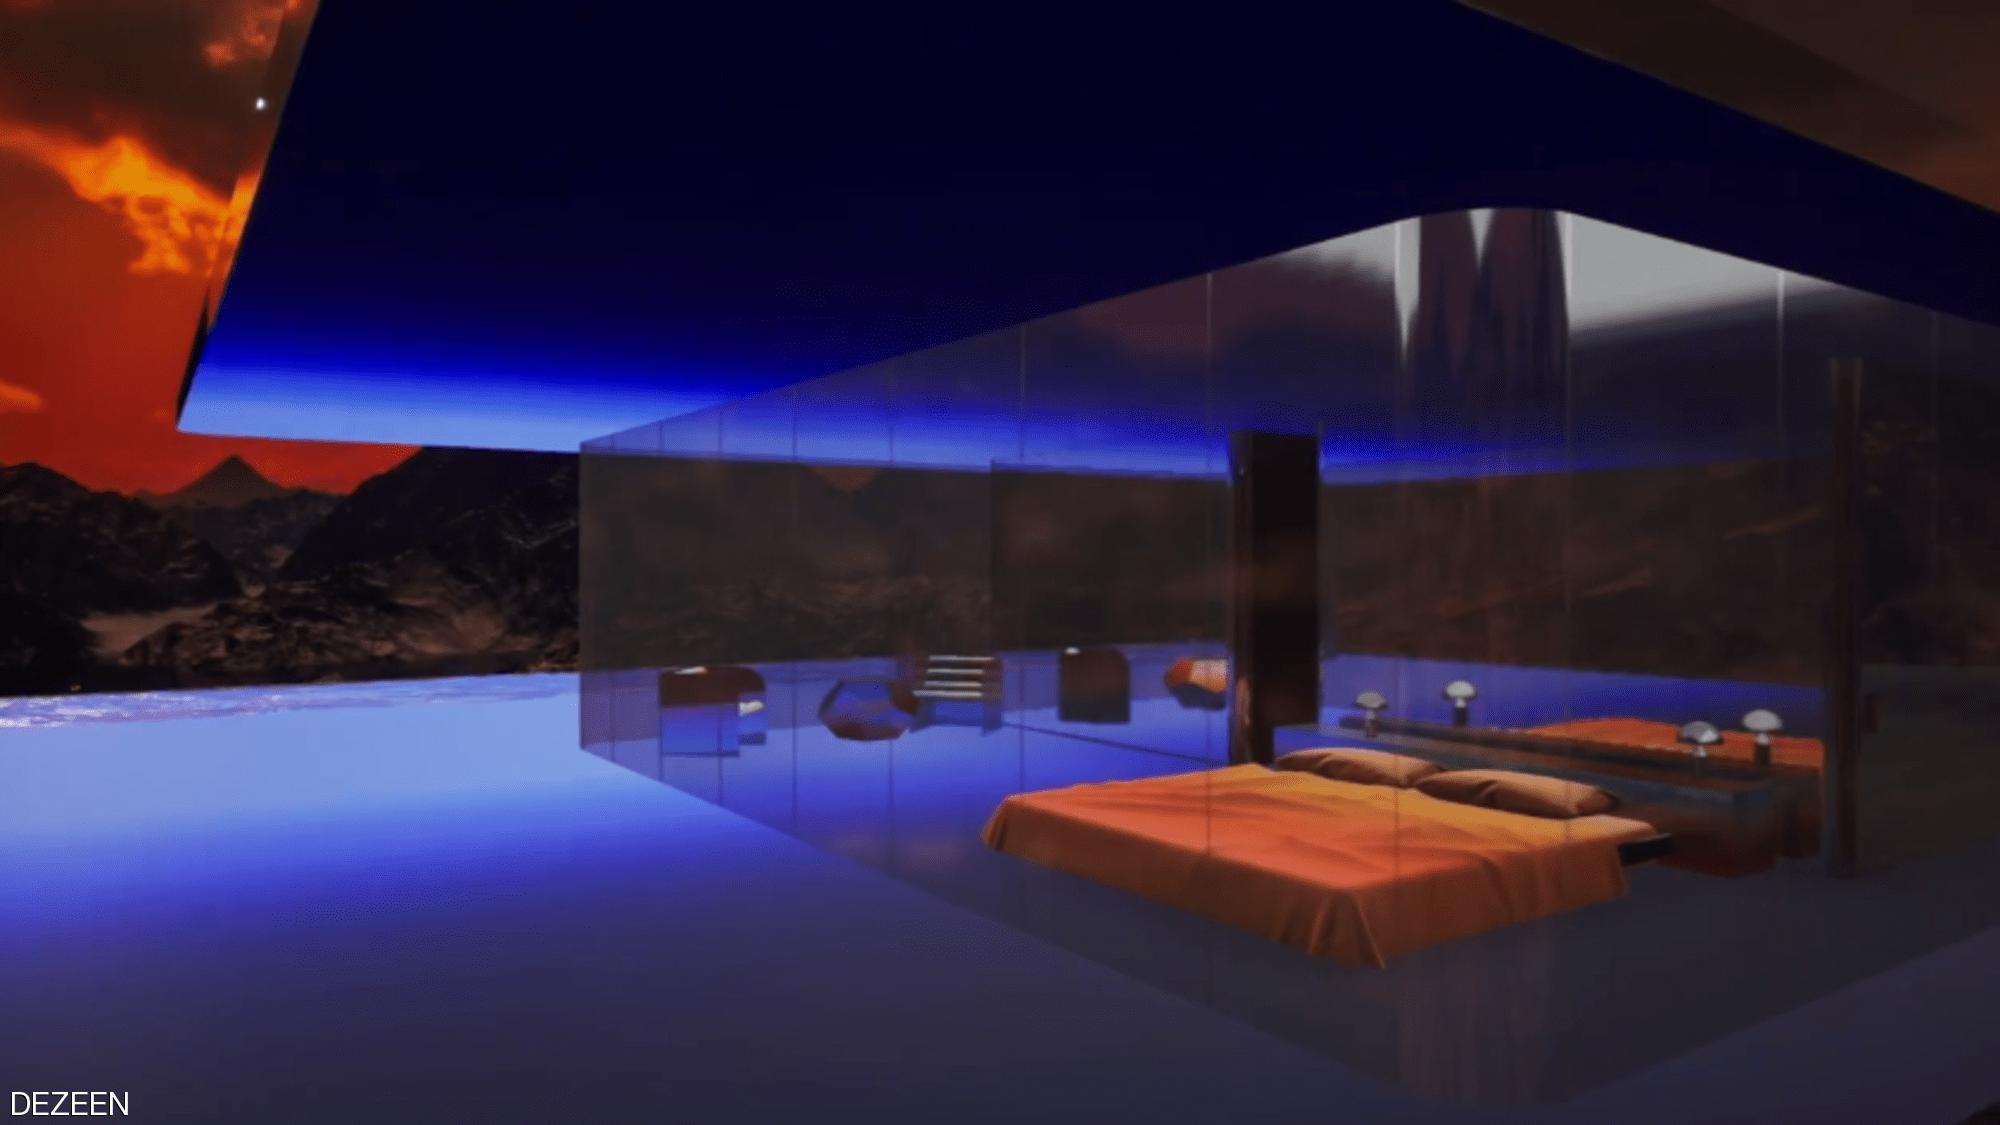 بيع منزل افتراضي على المريخ